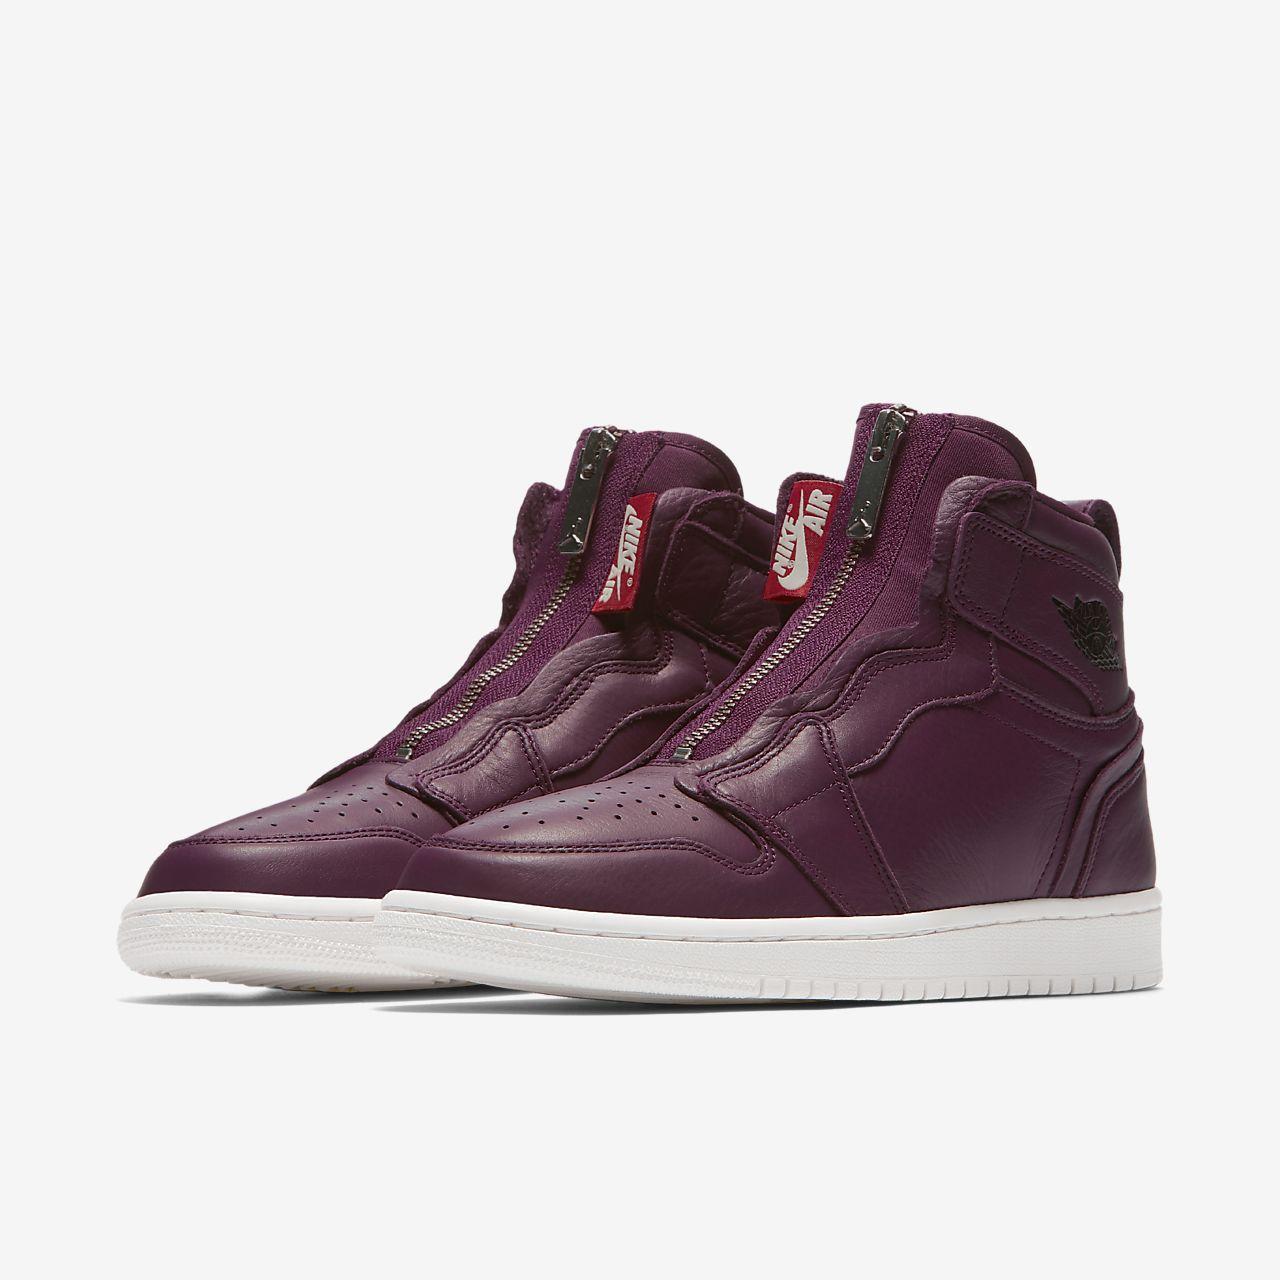 Calzado para mujer Air Jordan 1 High Zip Premium